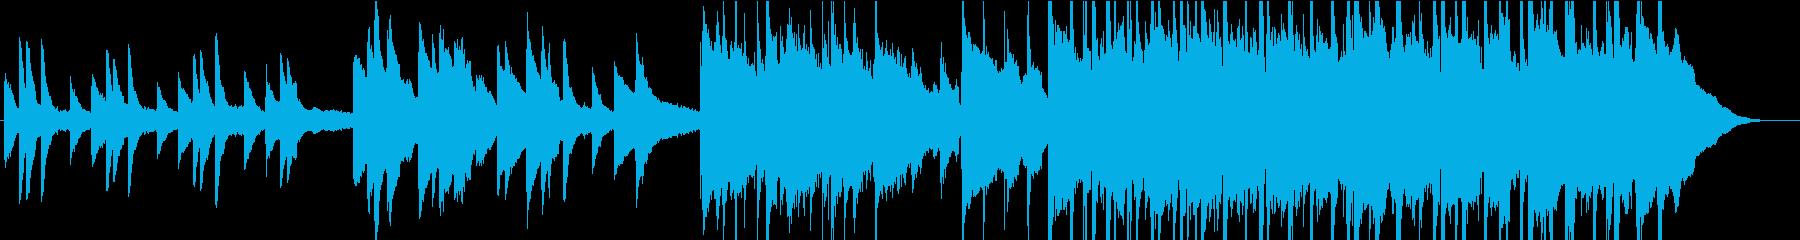 ティーン モダン 交響曲 室内楽 ...の再生済みの波形